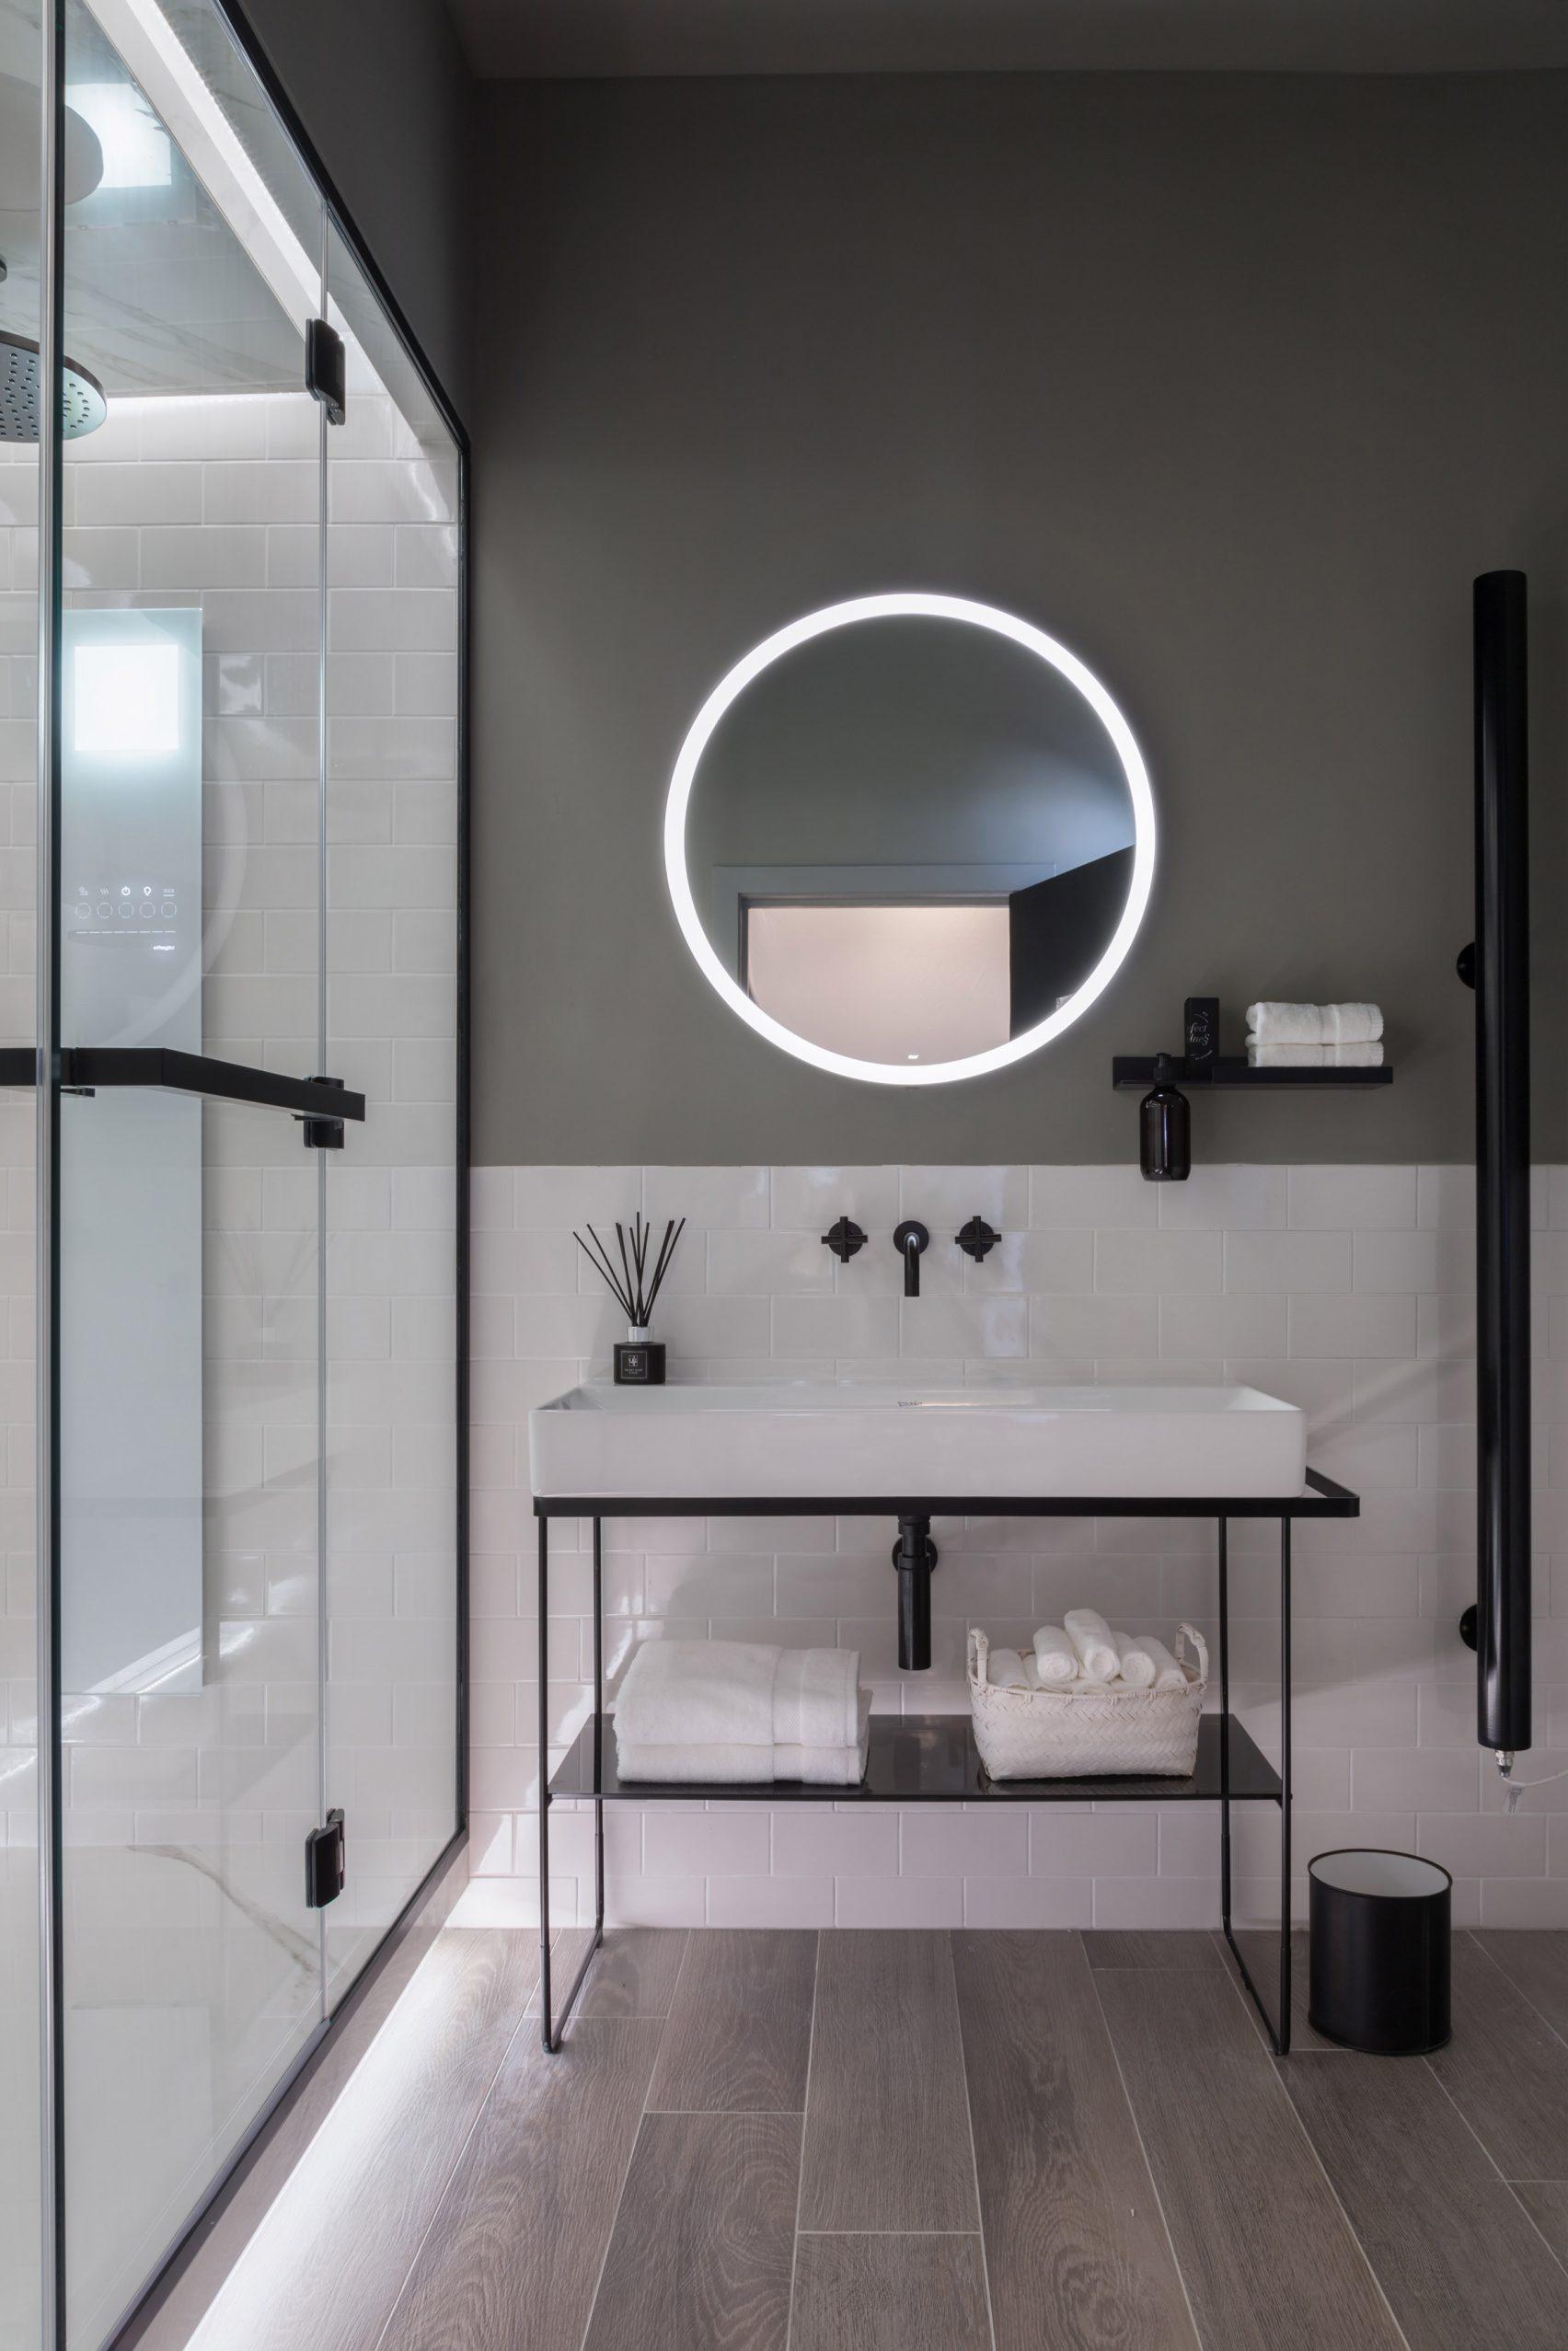 Sieger Design creëert kleine spa badkamer voor kleine appartementen